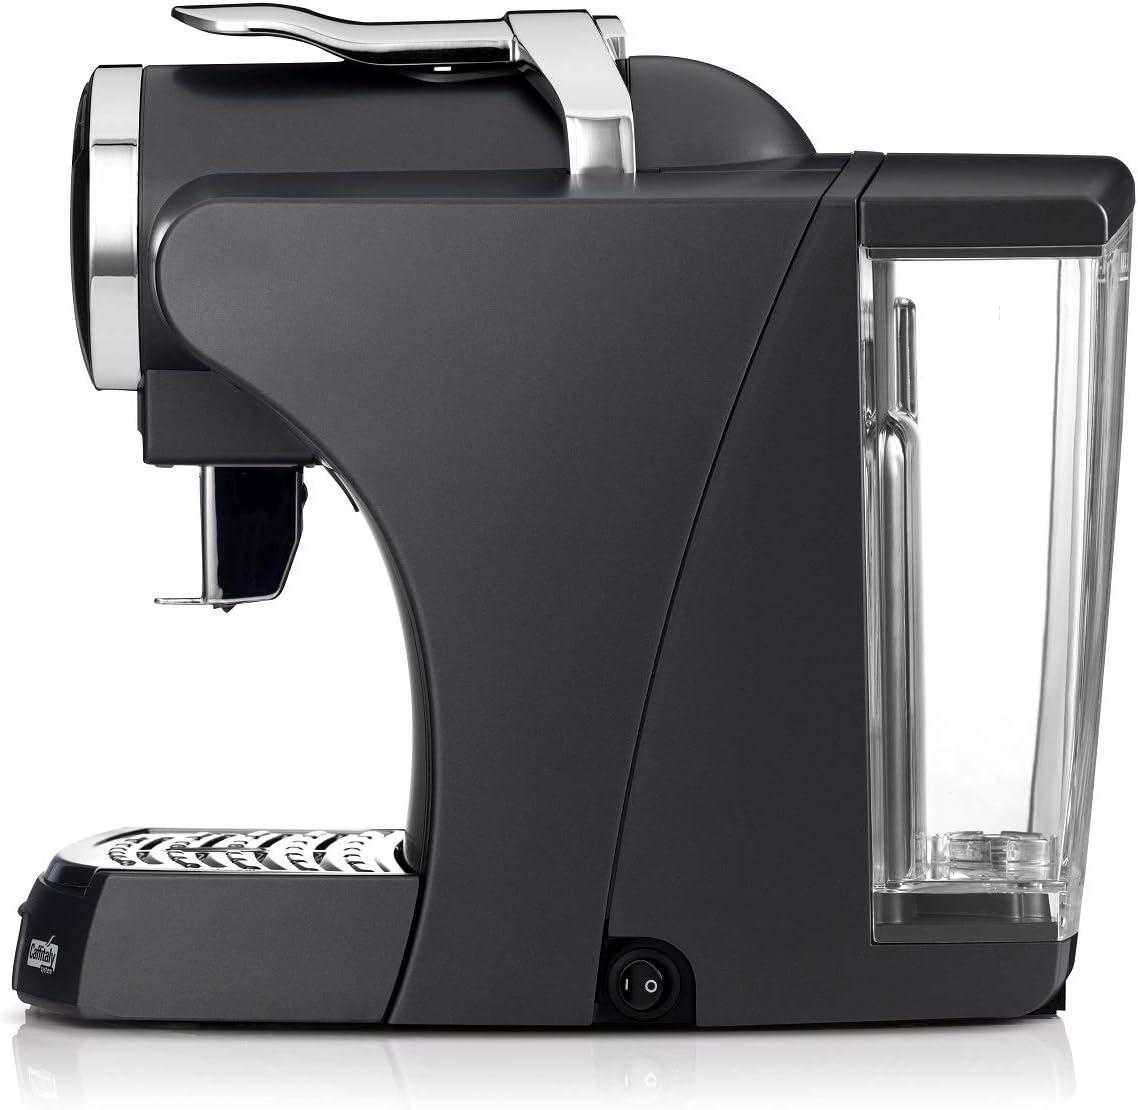 Máquina de café cápsulas Caffitaly S05 Carbon: Amazon.es: Hogar